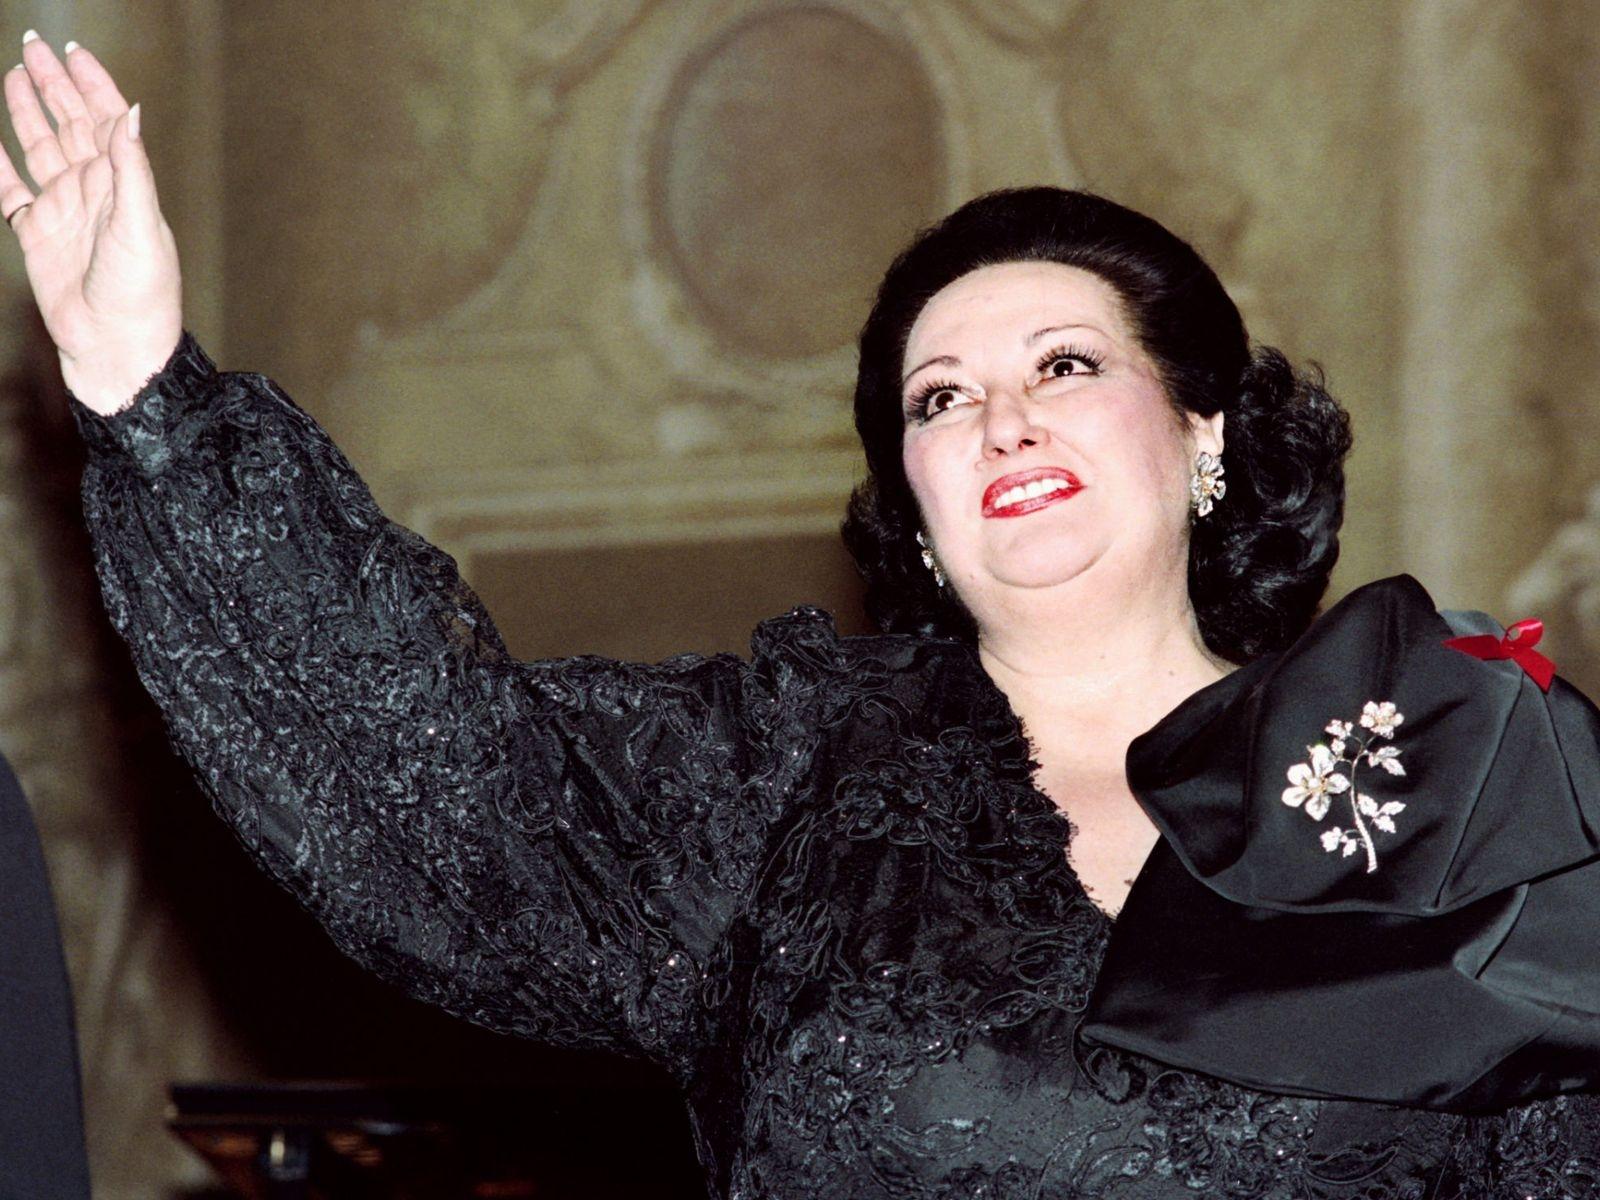 От чего умерла Монсеррат Кабалье: семья певицы скрывает причины ее смерти